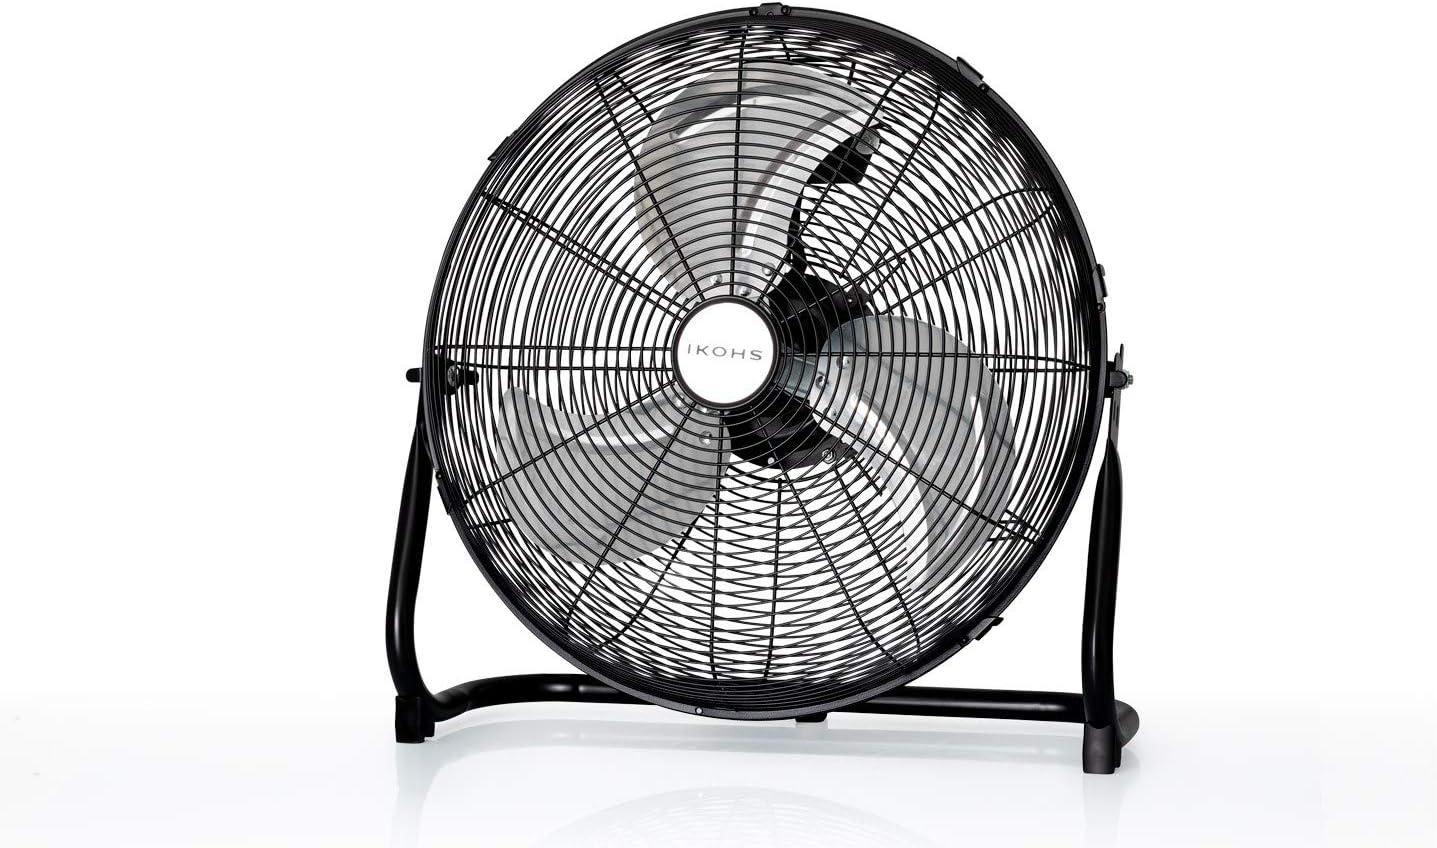 IKOHS EOLUS Turbo - Ventilador de Suelo Industrial, 110 W, Potente Flujo de Aire, Ligero, Ajustable, con Patas Antideslizantes, 3 hélices, 3 velocidades, Motor Cobre (Negro)